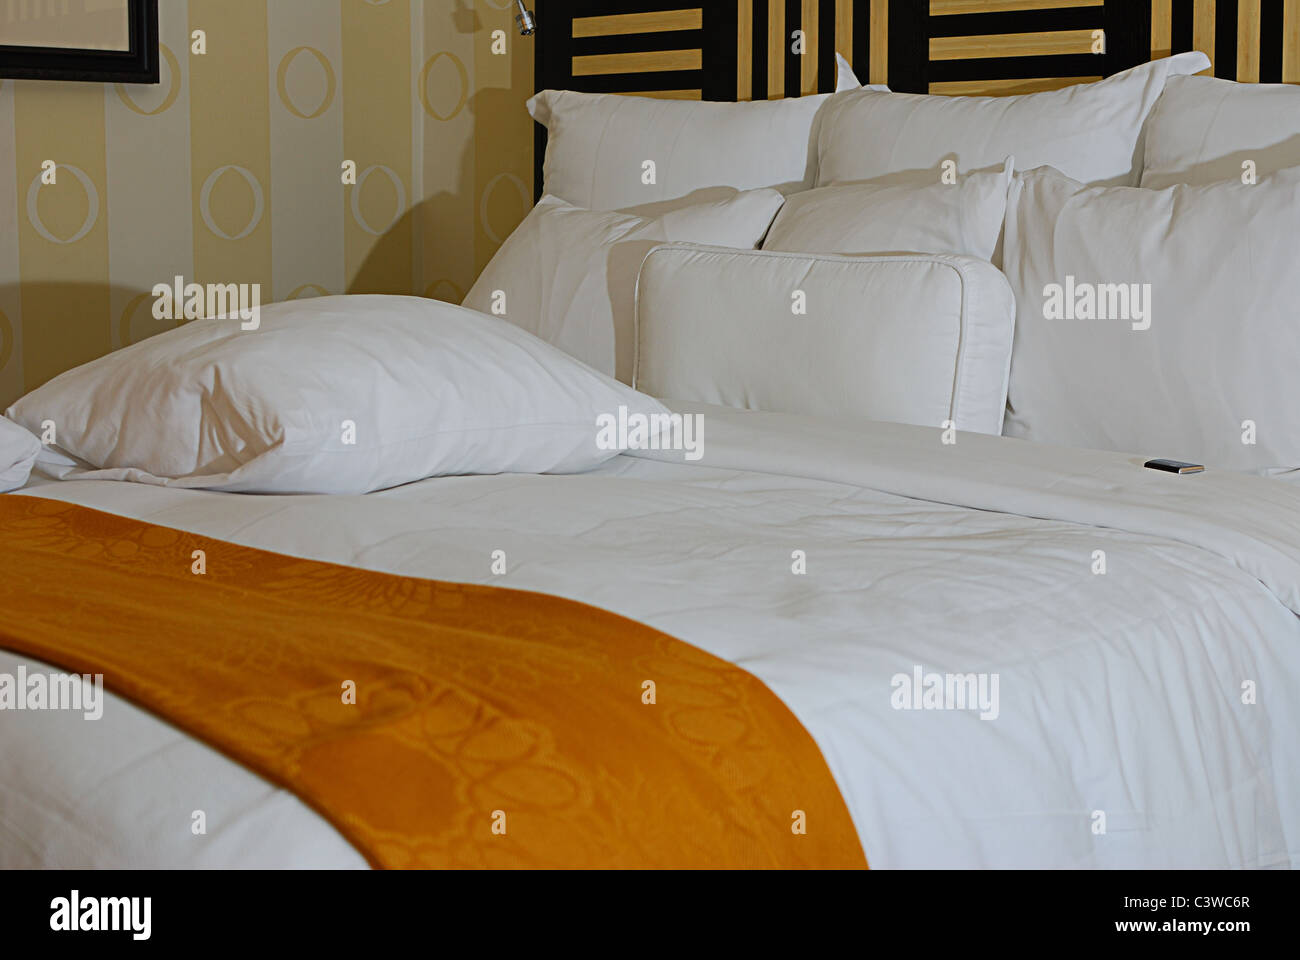 Hotel moderno con un caramelo en la almohada Imagen De Stock